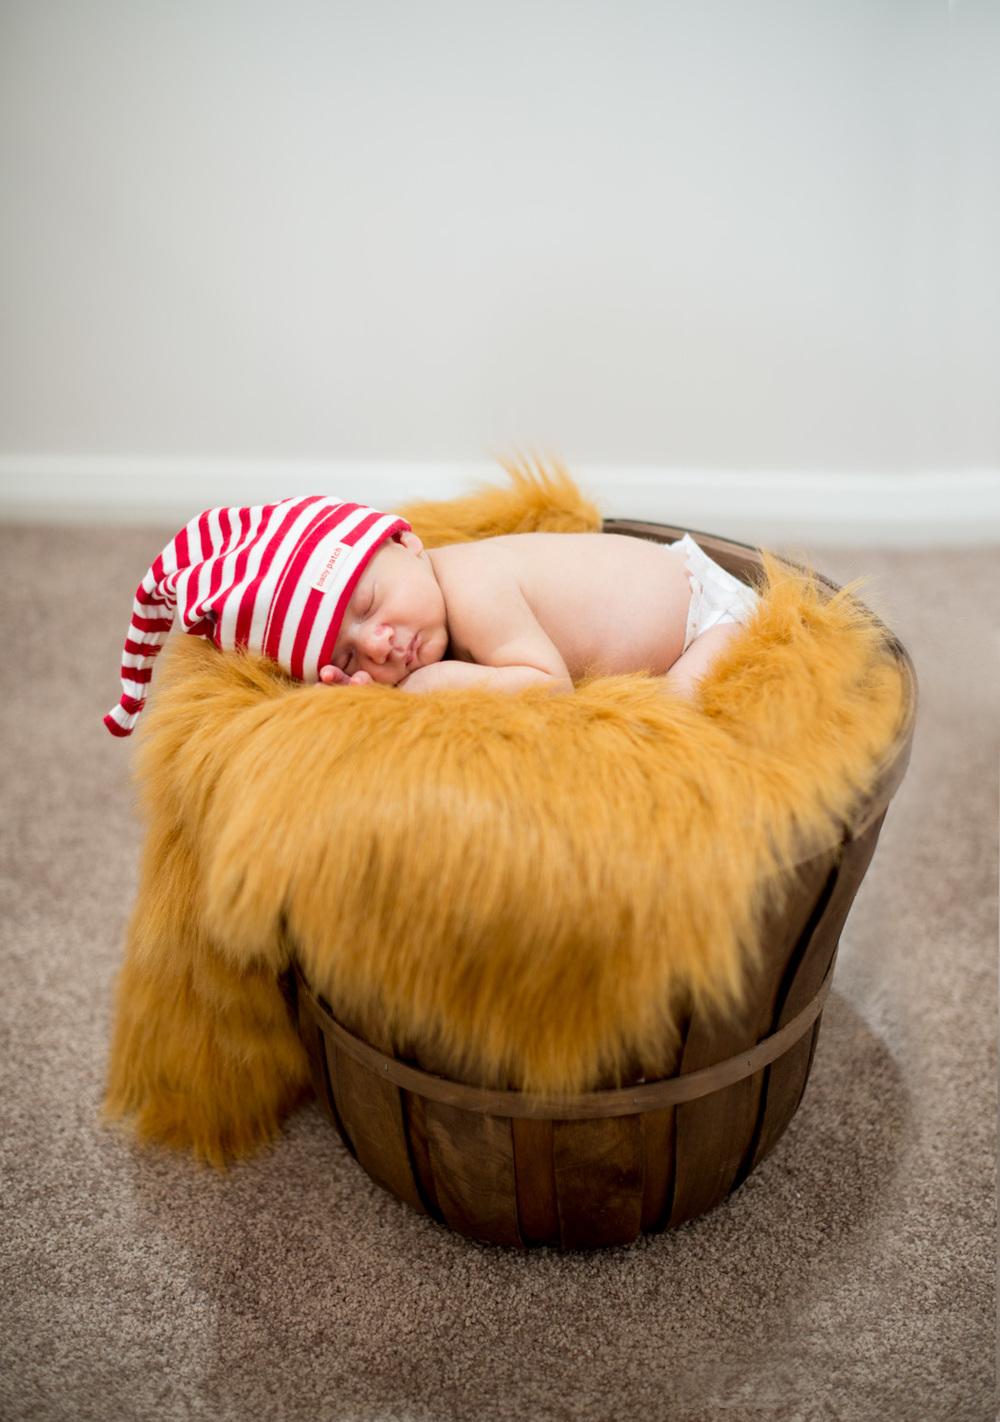 Baby IMAGE 001 - 1.jpg